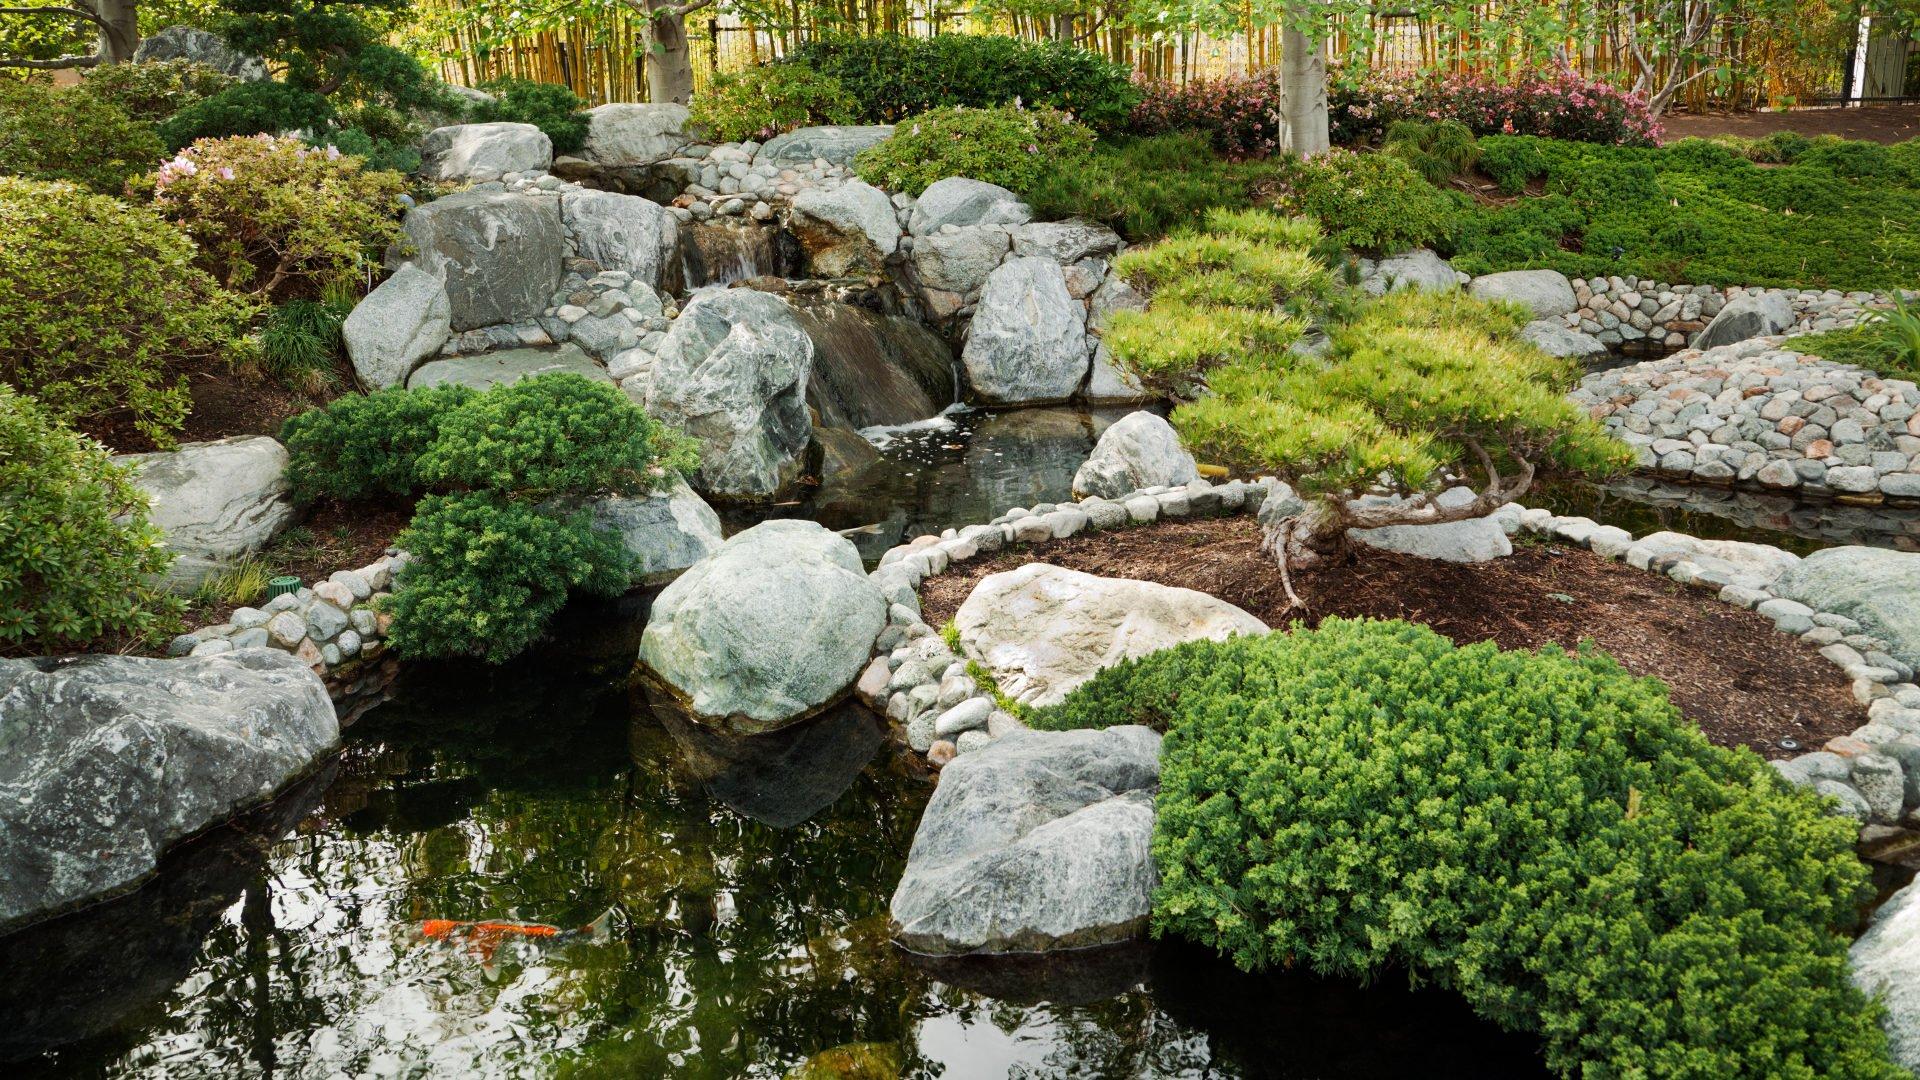 Japanische Gärten zeichnen sich u.a. durch Steine, Moose und Gewässer aus.